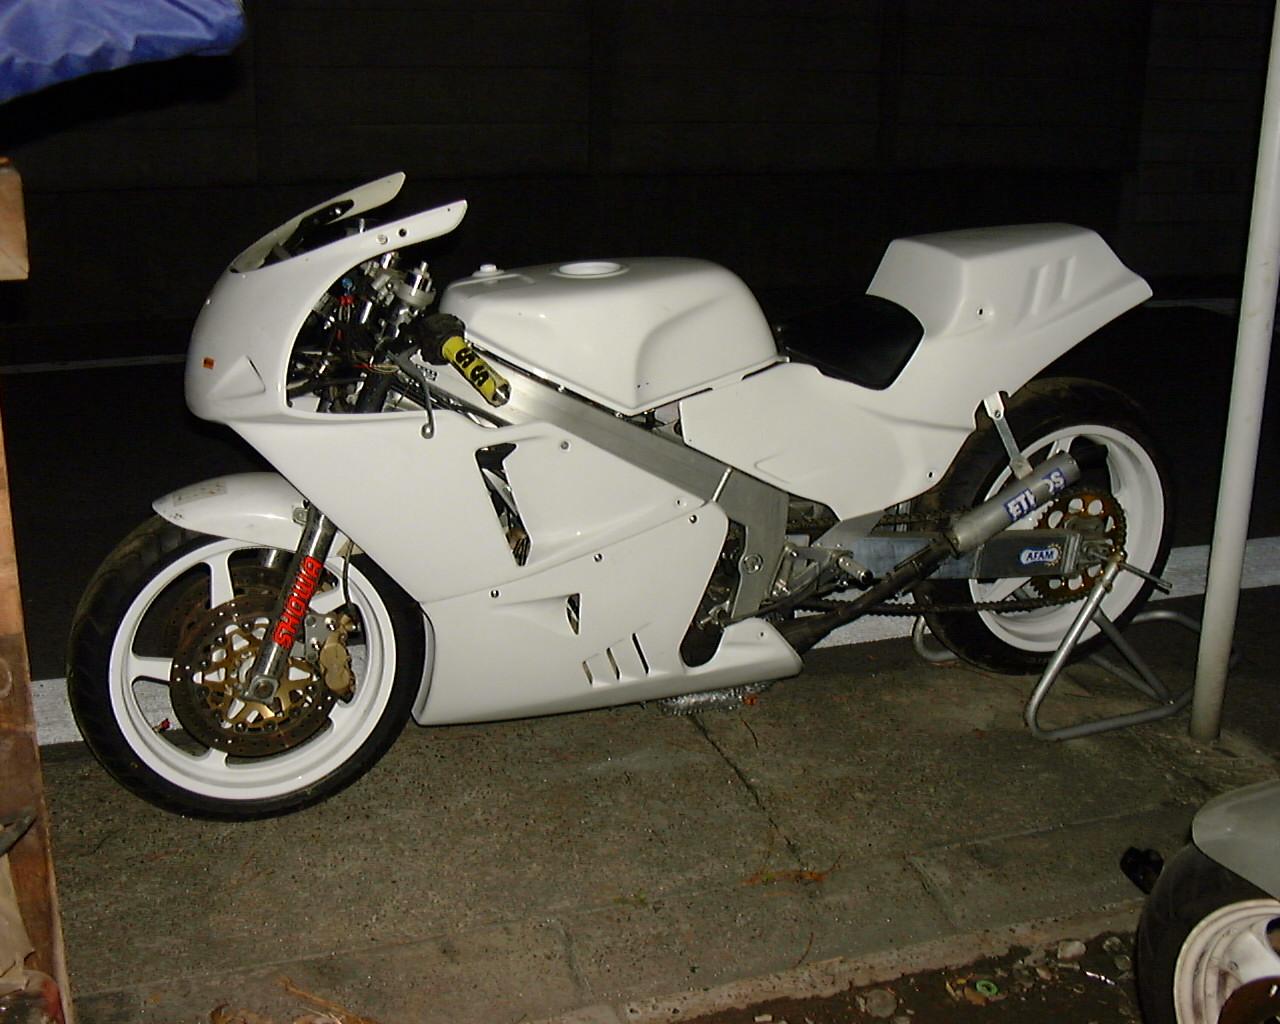 82 Honda ȵ�カブ C50